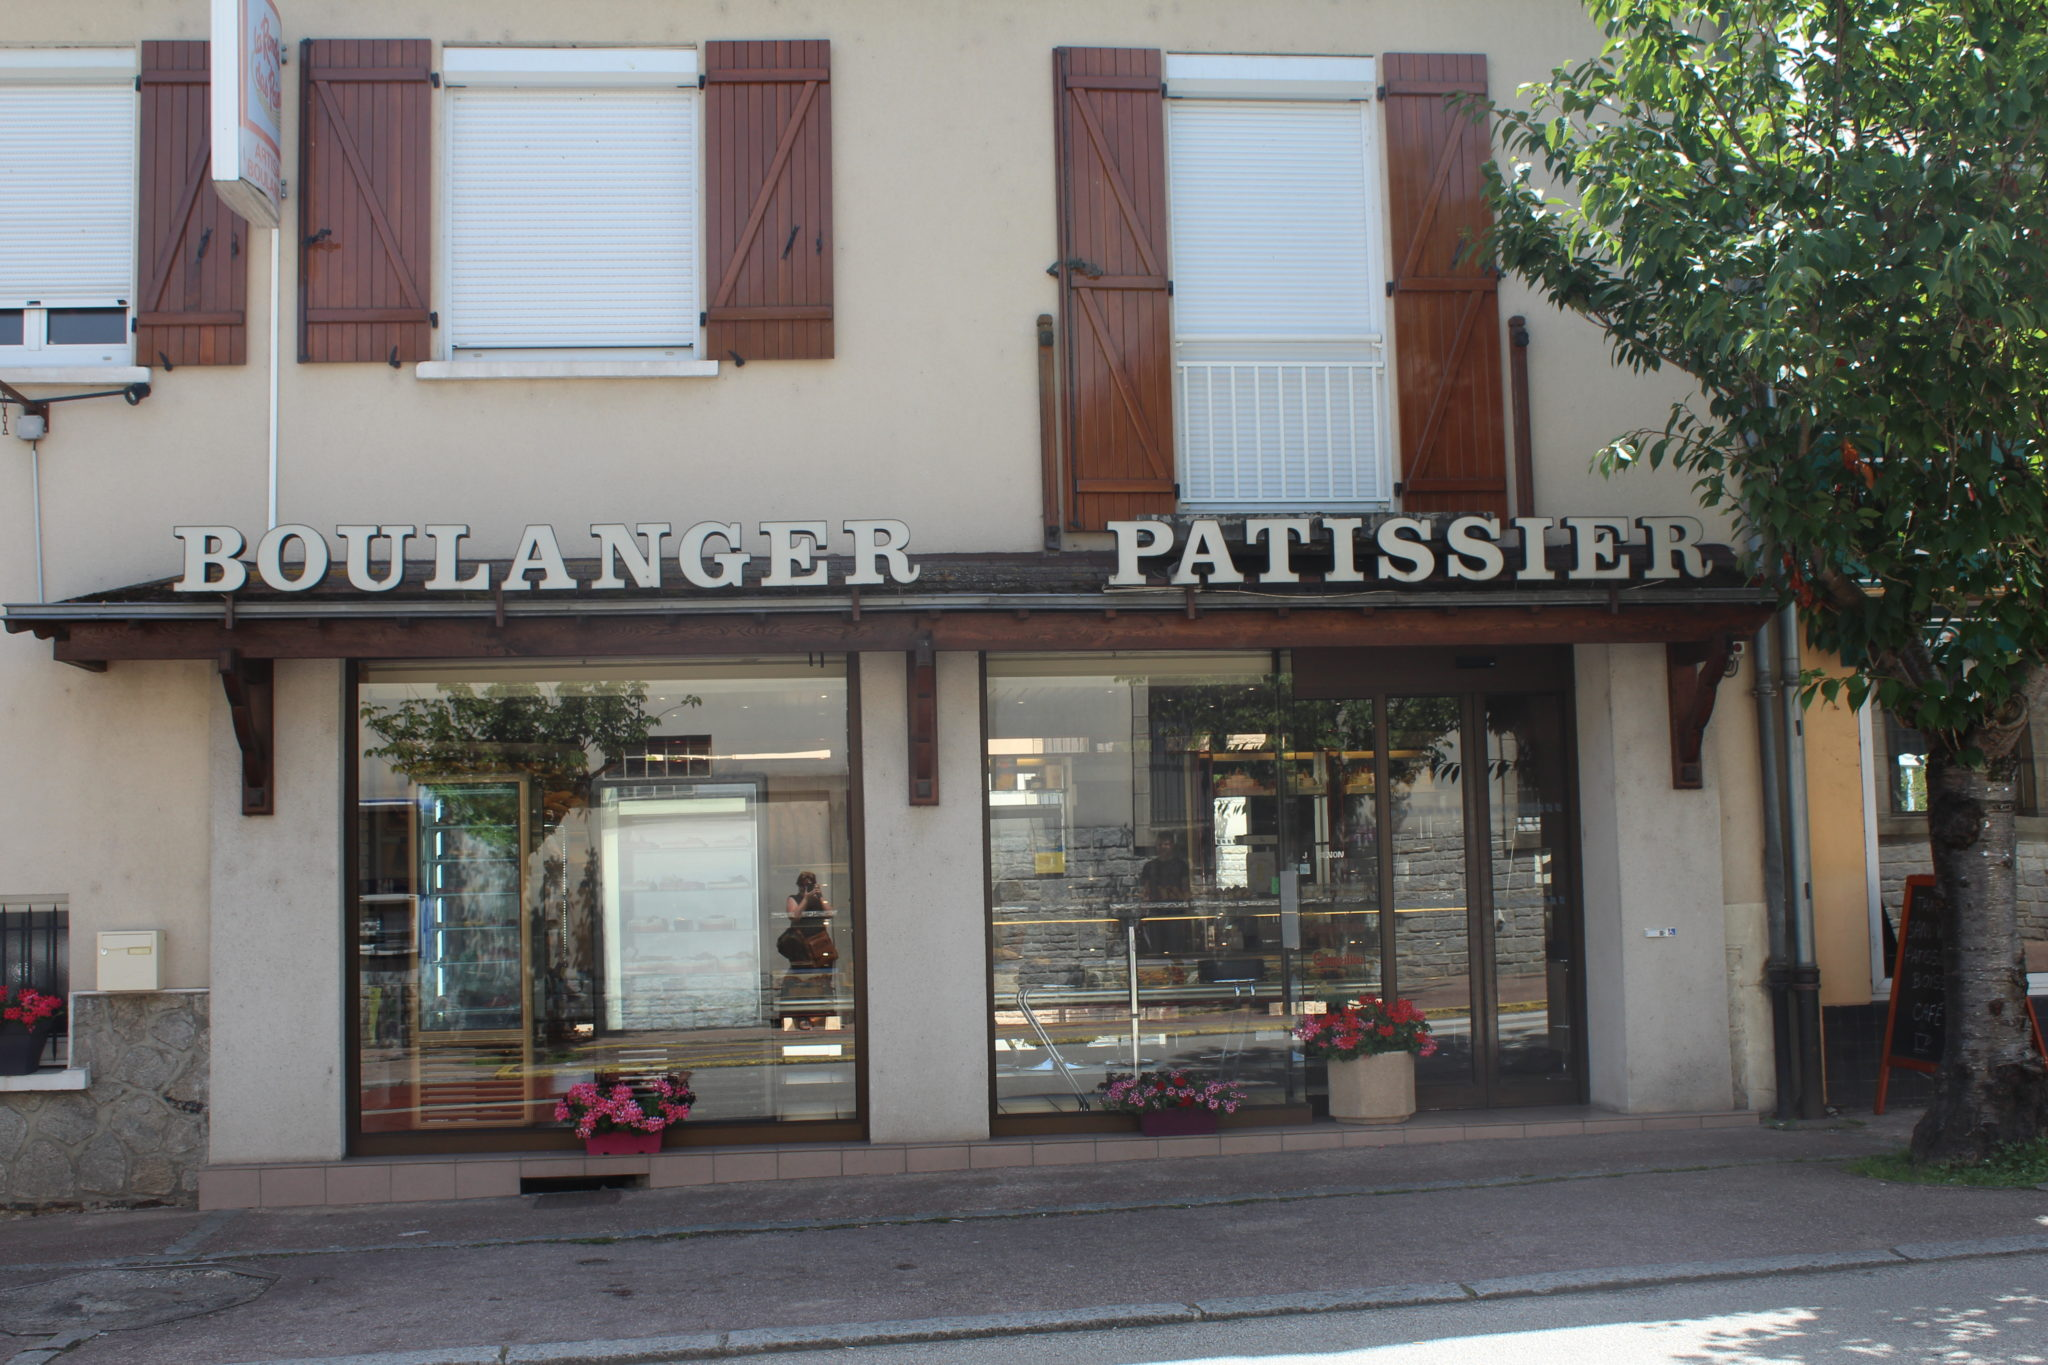 logoBoulangerie - Pâtisserie Senon